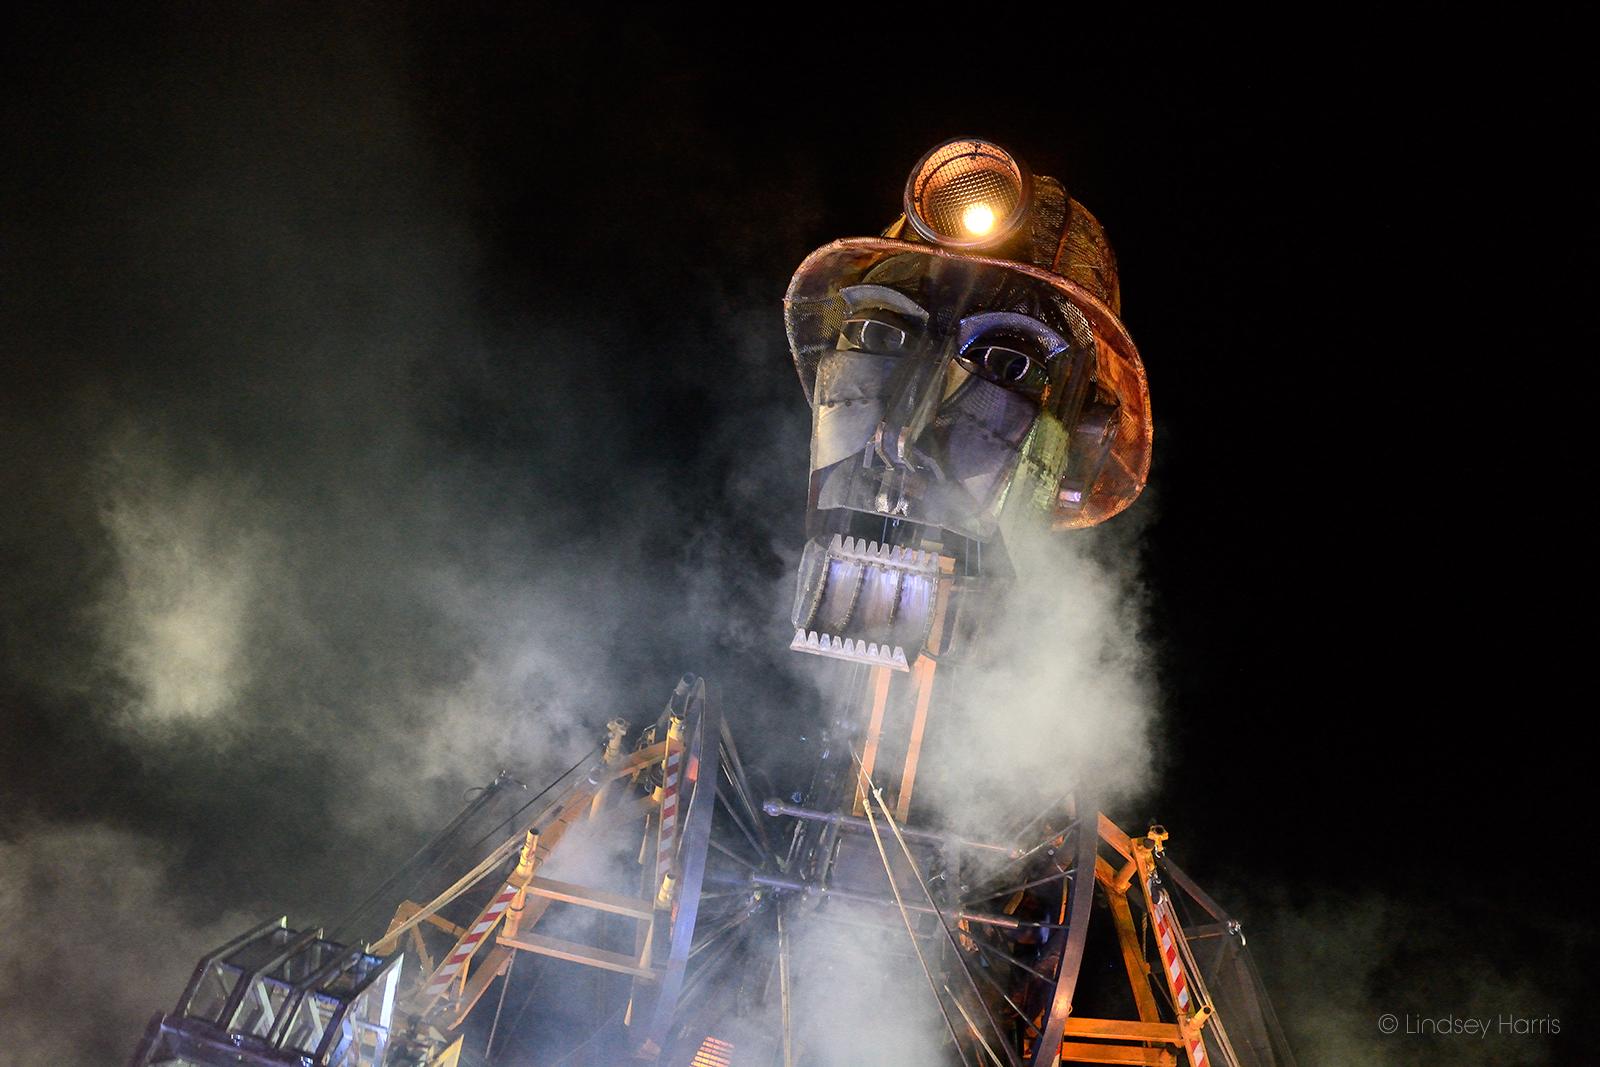 Man Engine at Radstock, Somerset. 6th April 2018.